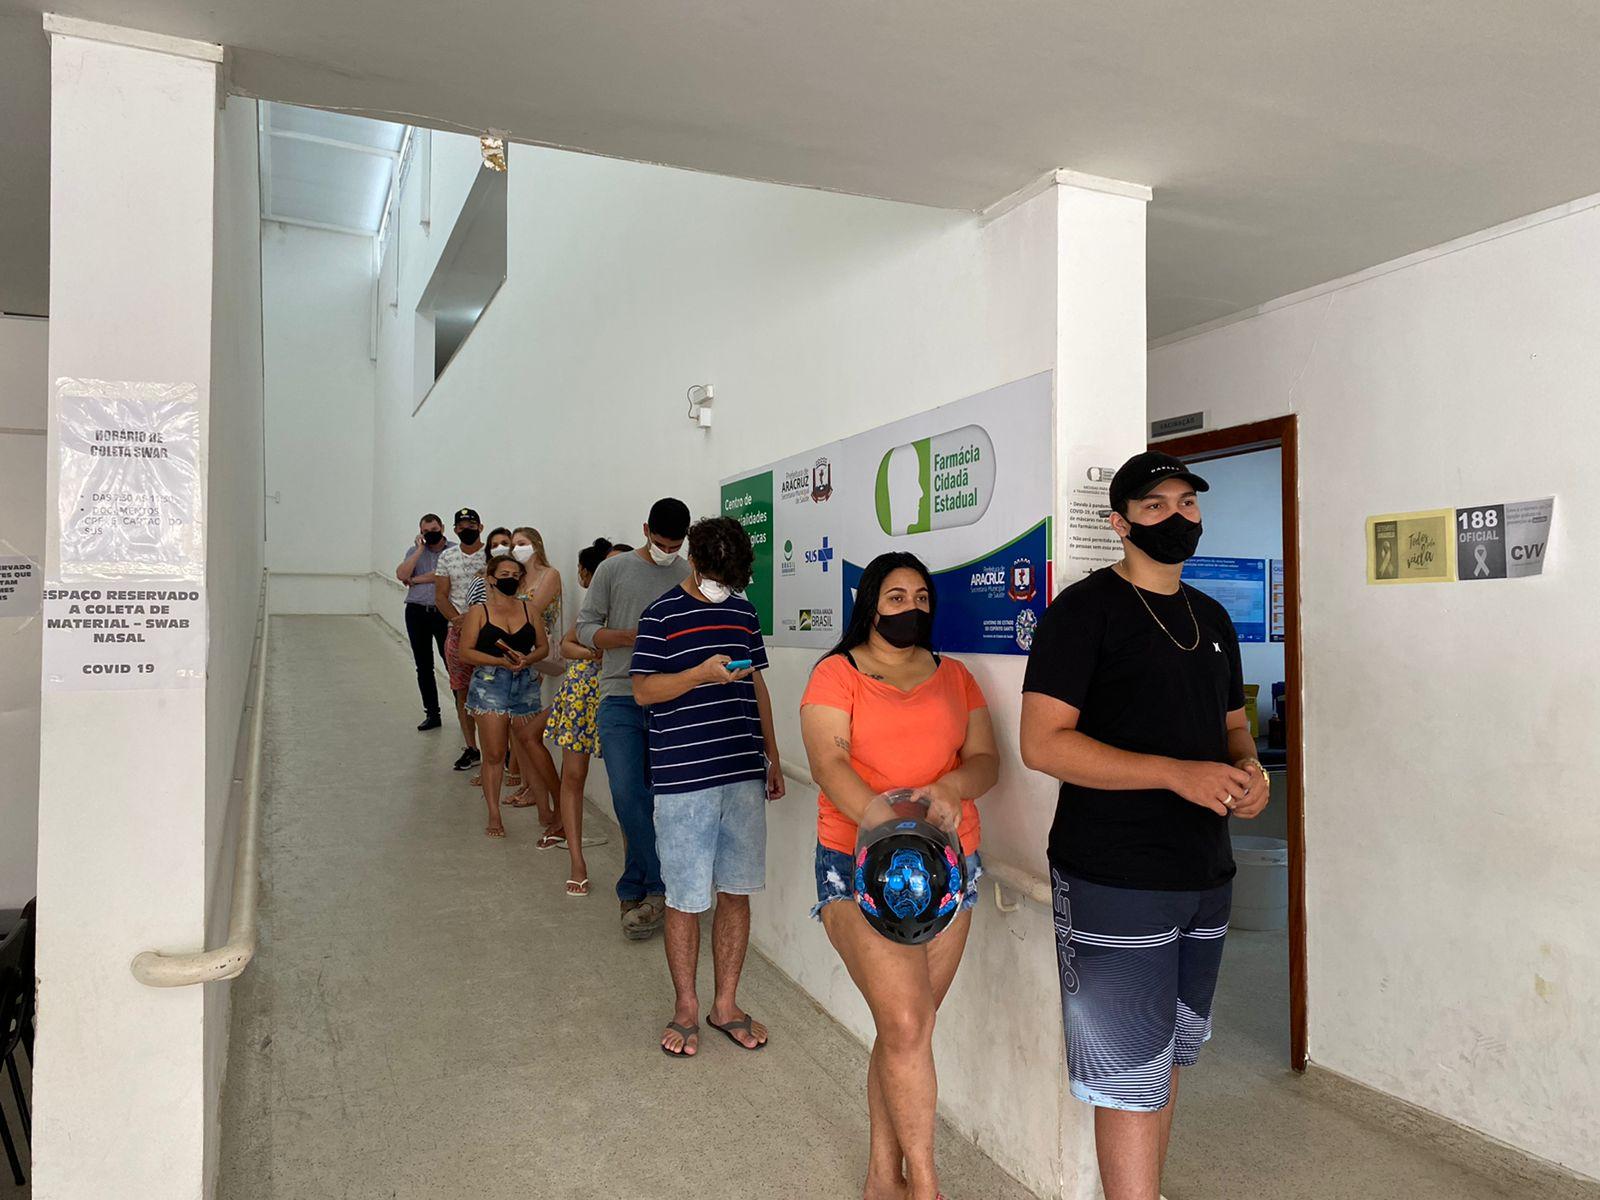 Adolescentes na fila para se vacinar na Unidade de Saúde do bairro Guaxindiba, em Aracruz. Crédito: Paula Brazão